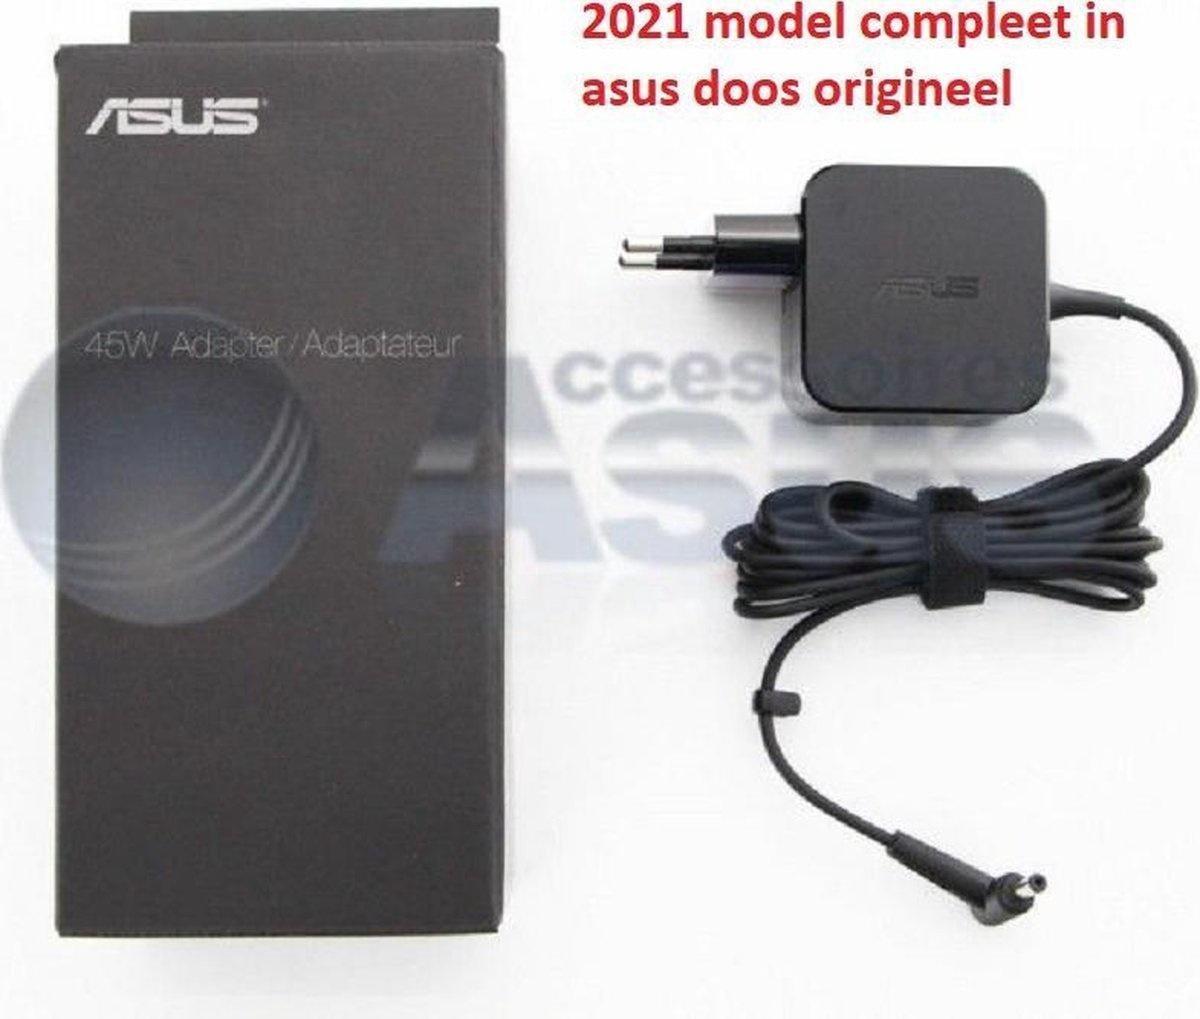 ASUS Laptop Adapter 19v - 45W Vermogen - 4.0 mm*1.35mm   Oplader - Geschikt voor Asus Zenbook UX305